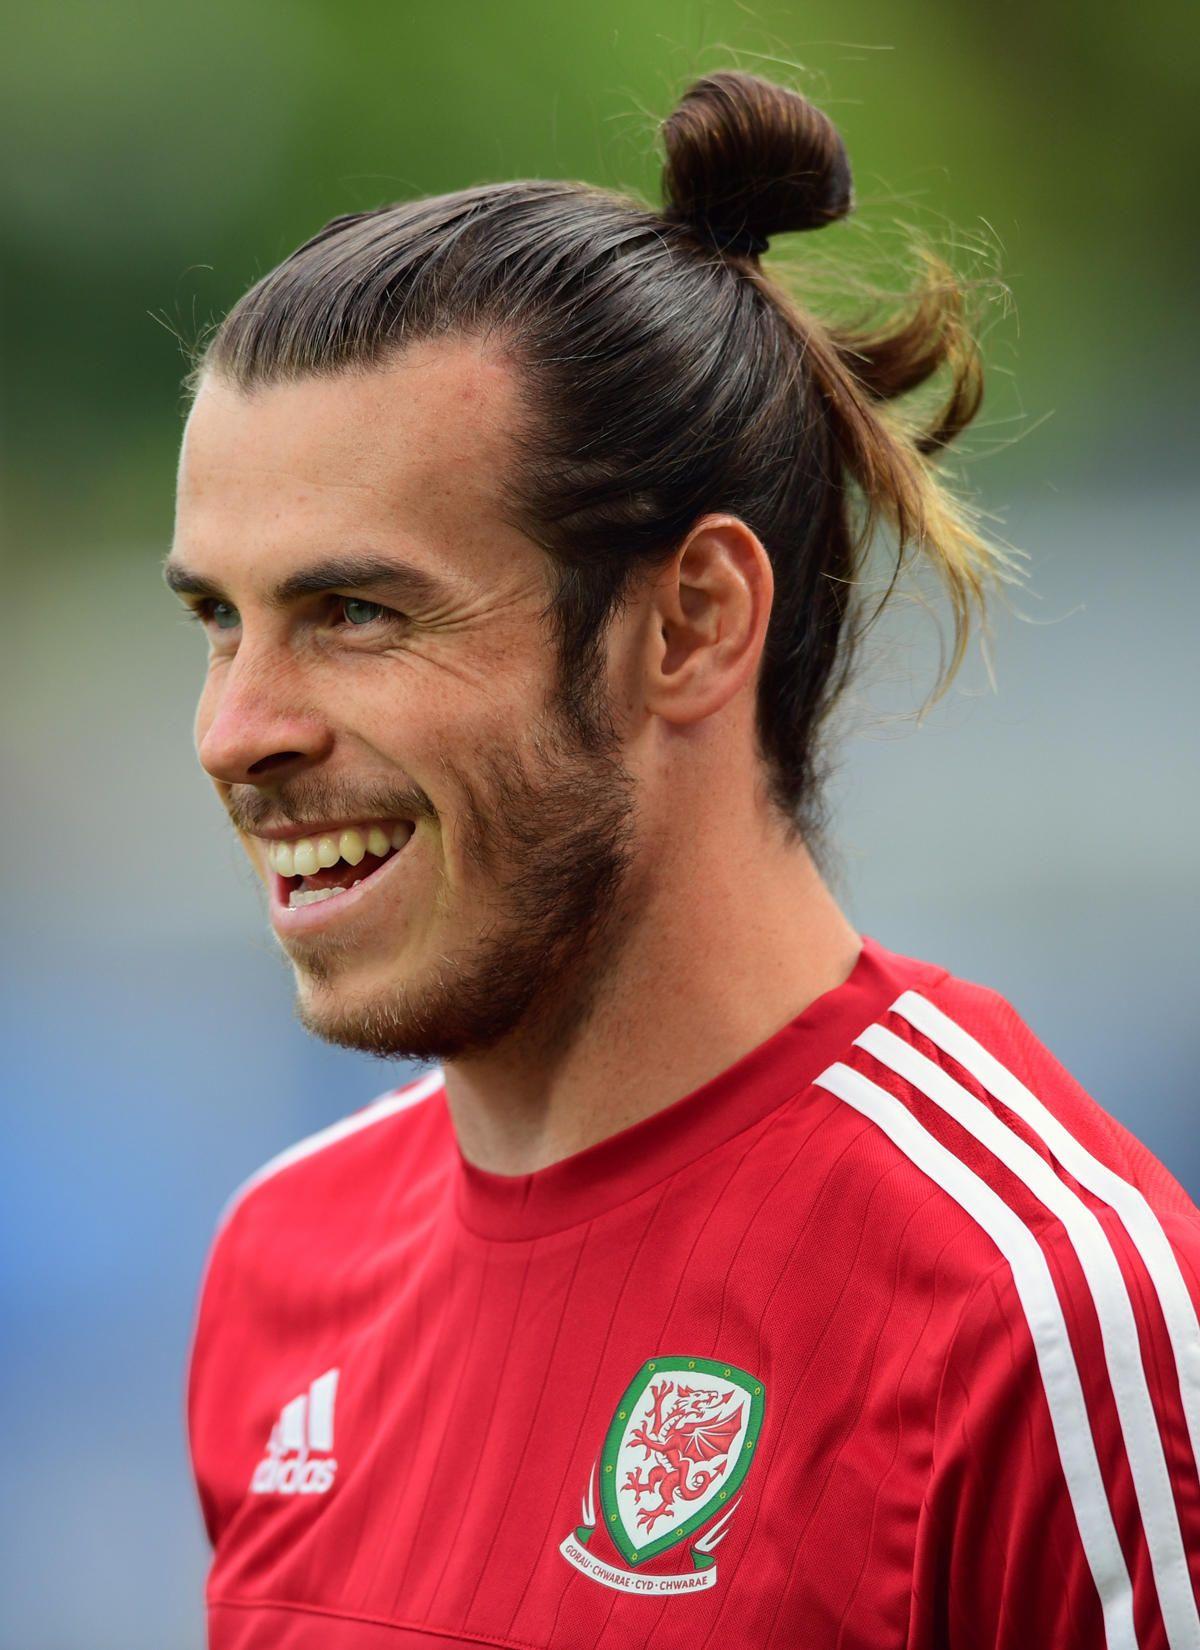 Wales Superstar Gareth Bale Setzte In Seiner Karriere Als Profi Kicker Schon Einige H